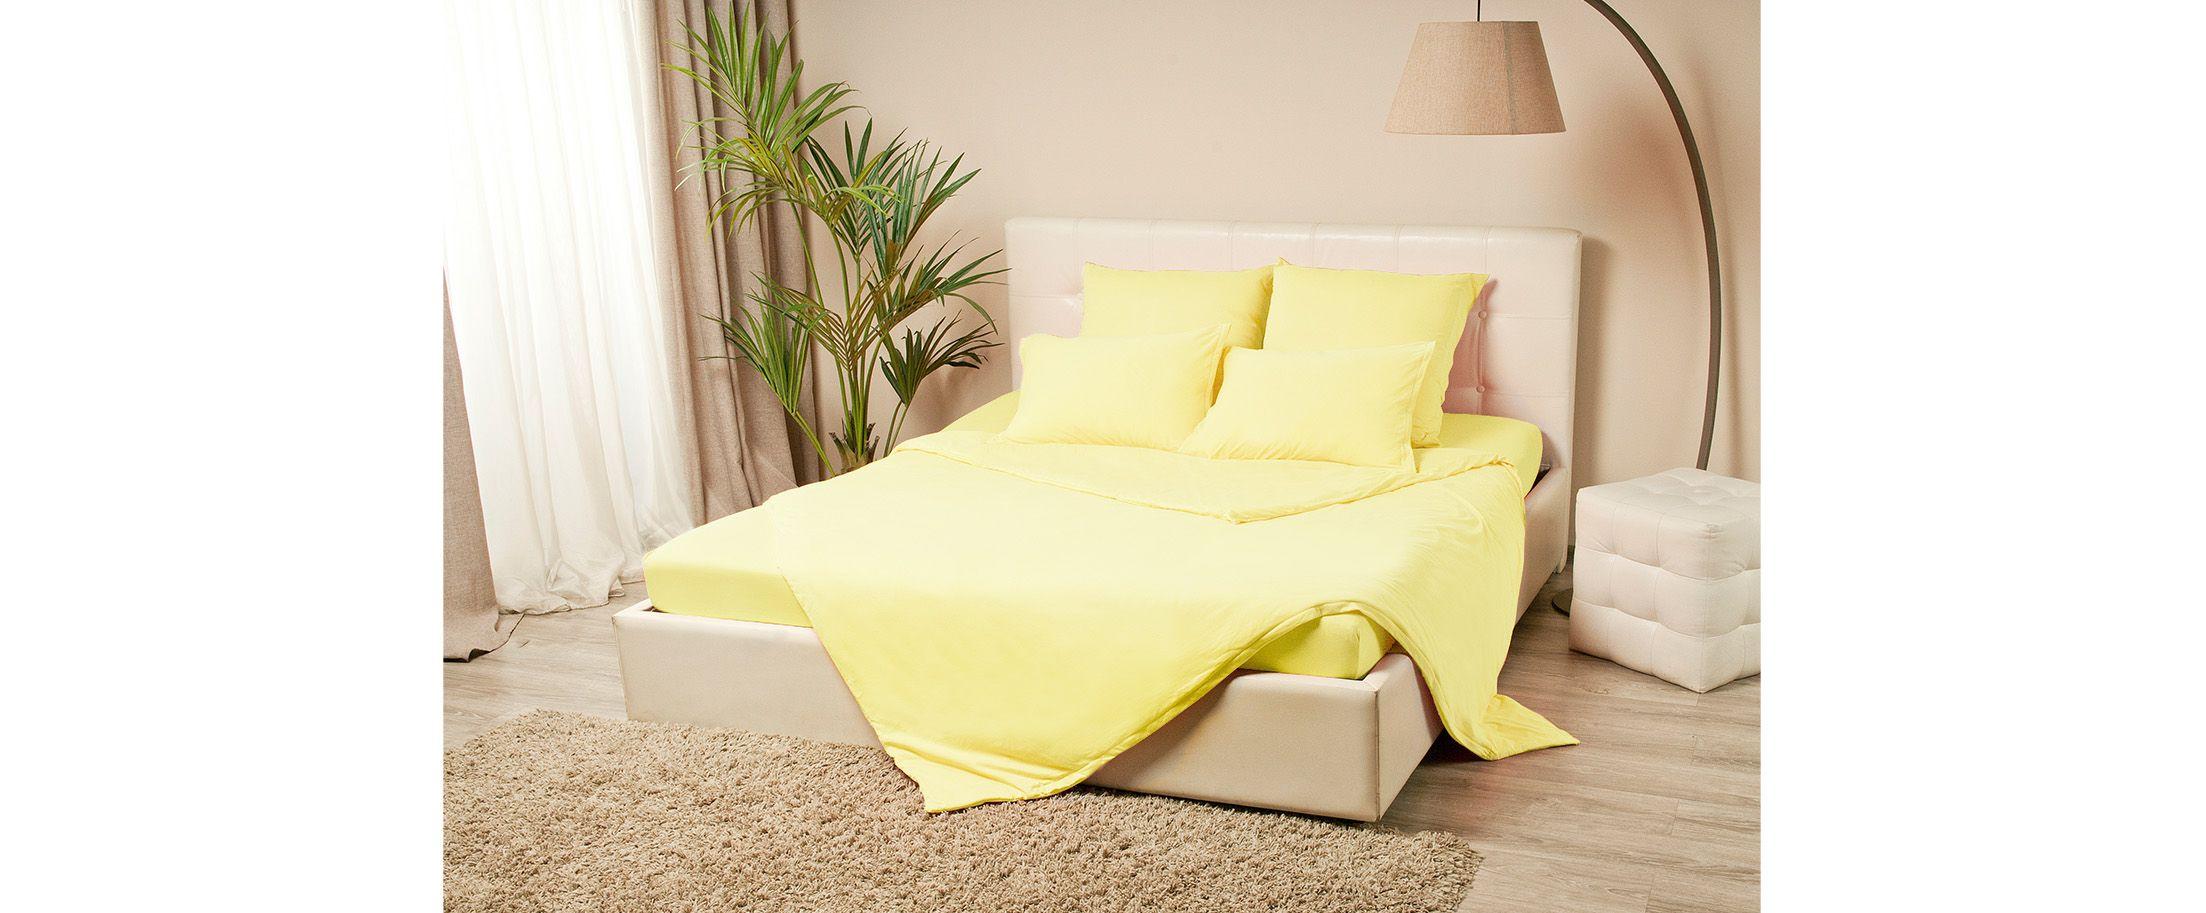 Пододеяльник трикотажный на молнии 200х220 желтого цвета Violett Модель 4001Пододеяльник трикотажный на молнии 200х220  Violett Модель 4001. Артикул К000660<br><br>Ширина см: 200<br>Глубина см: 220<br>Высота см: 1<br>Цвет: Желтый<br>Материал: Хлопок